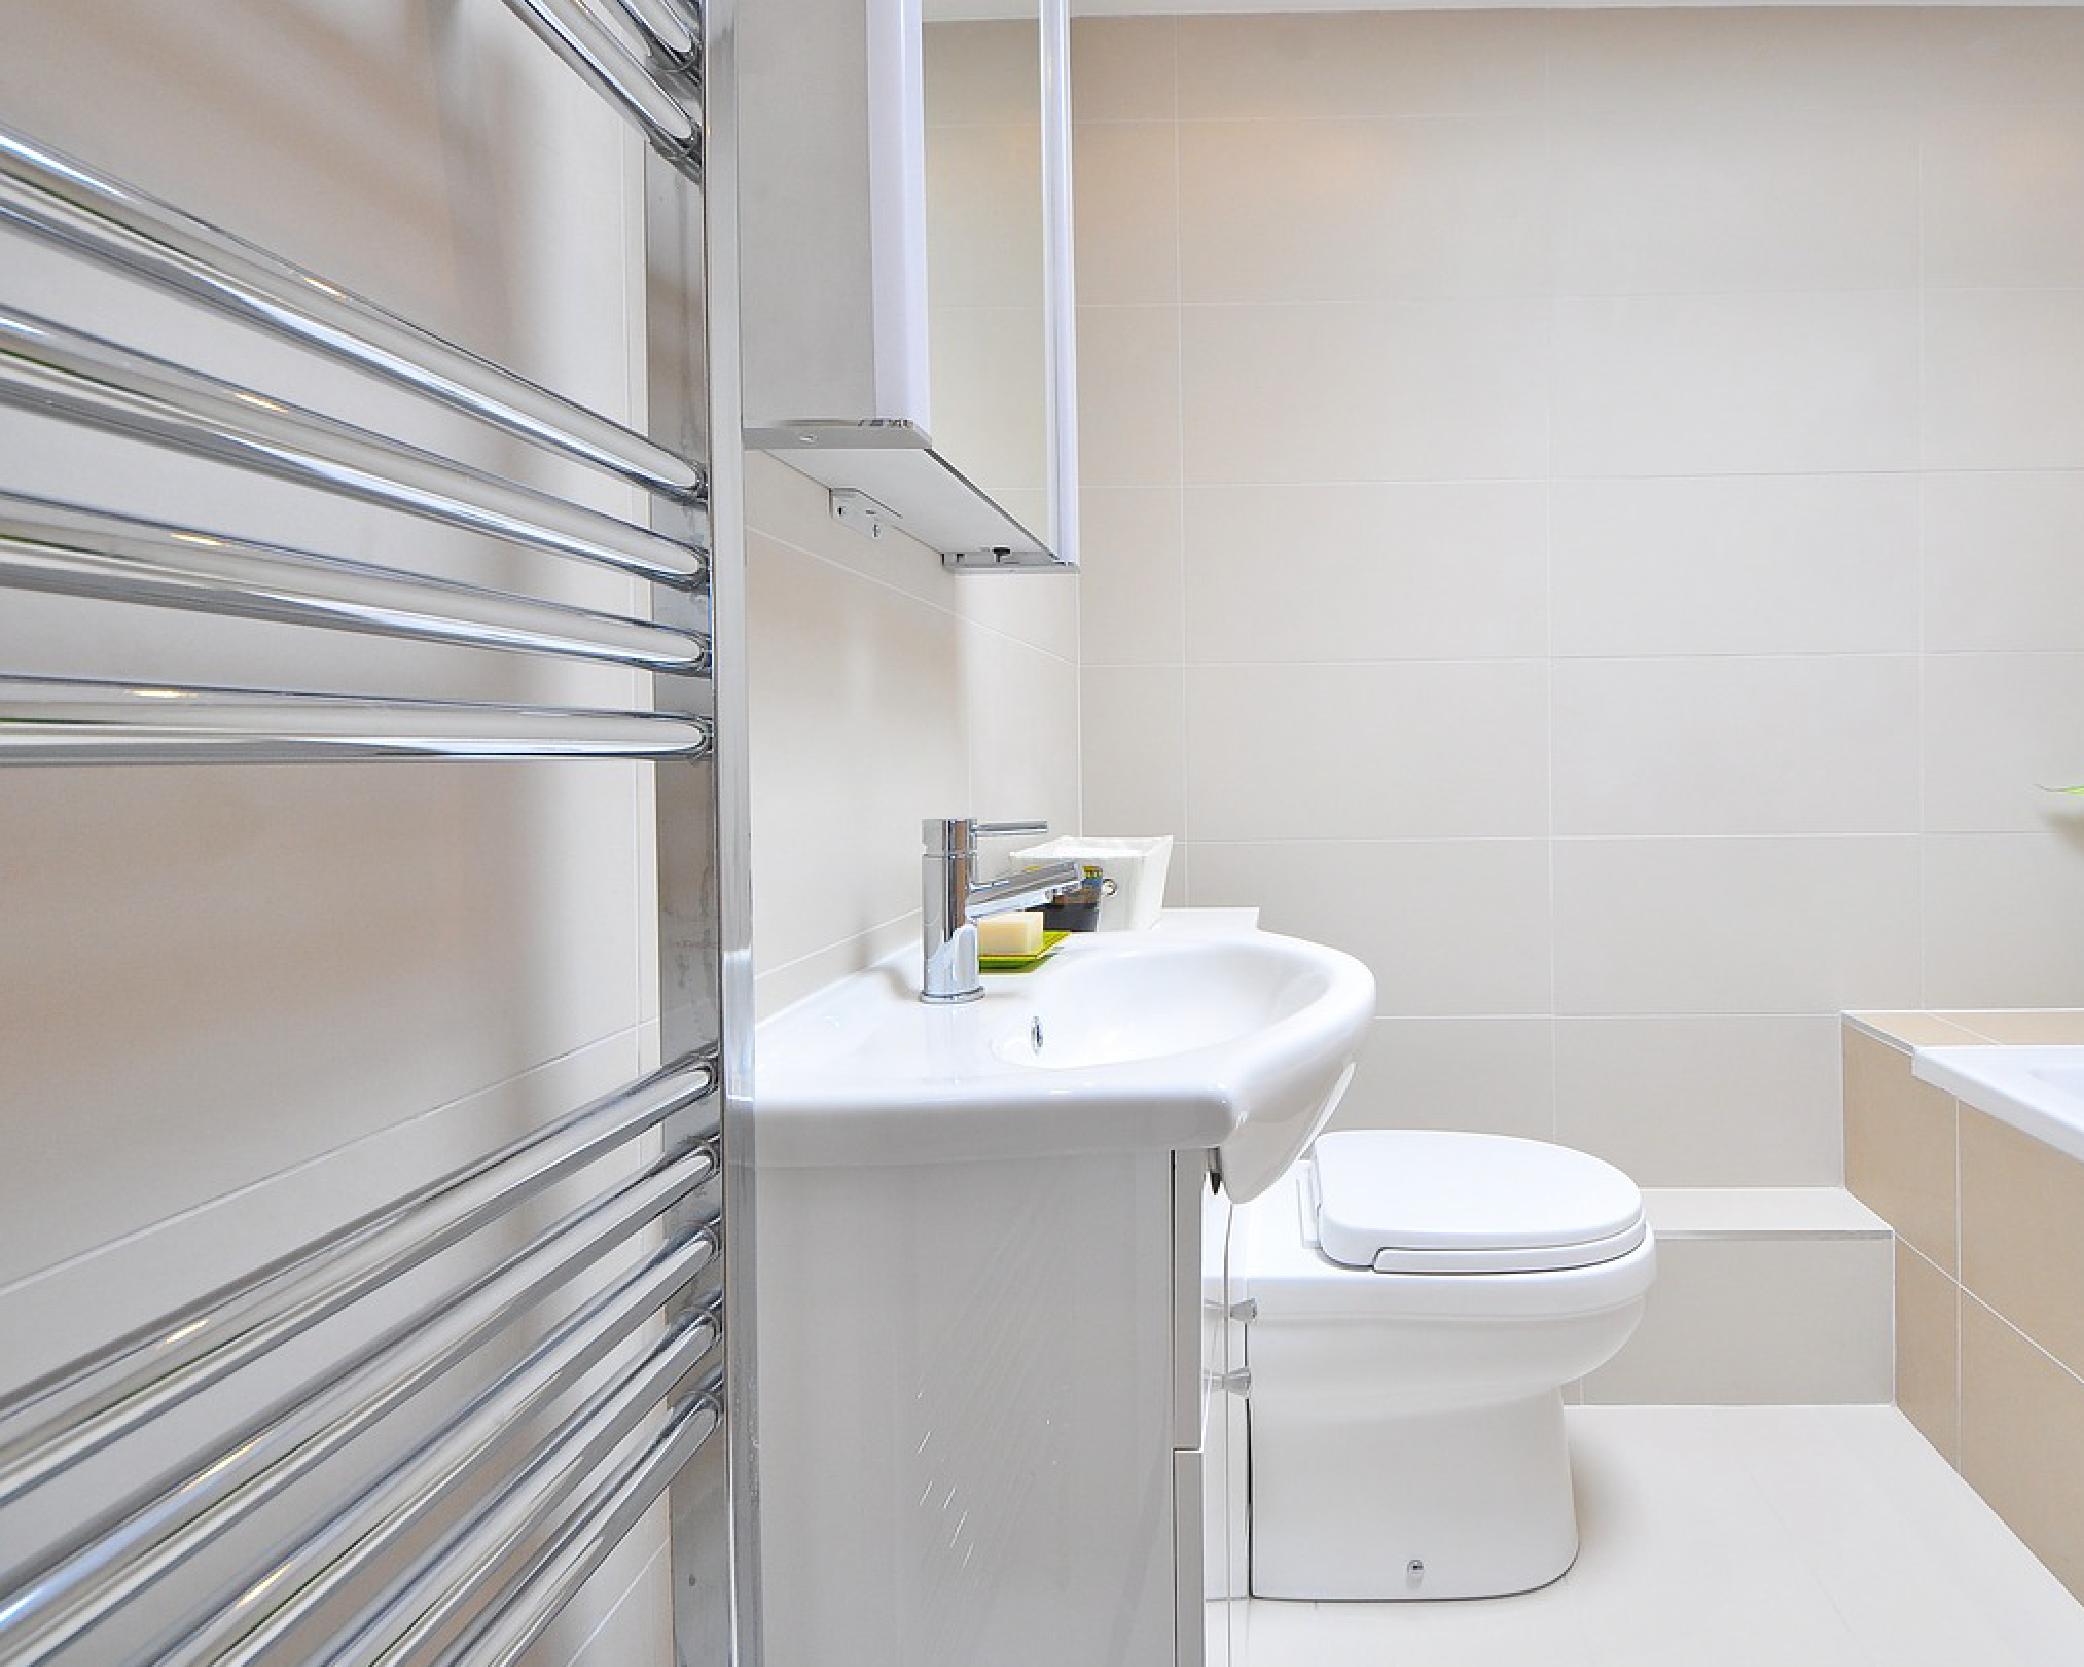 Bathroom Remodel Plumbingit-UK.png